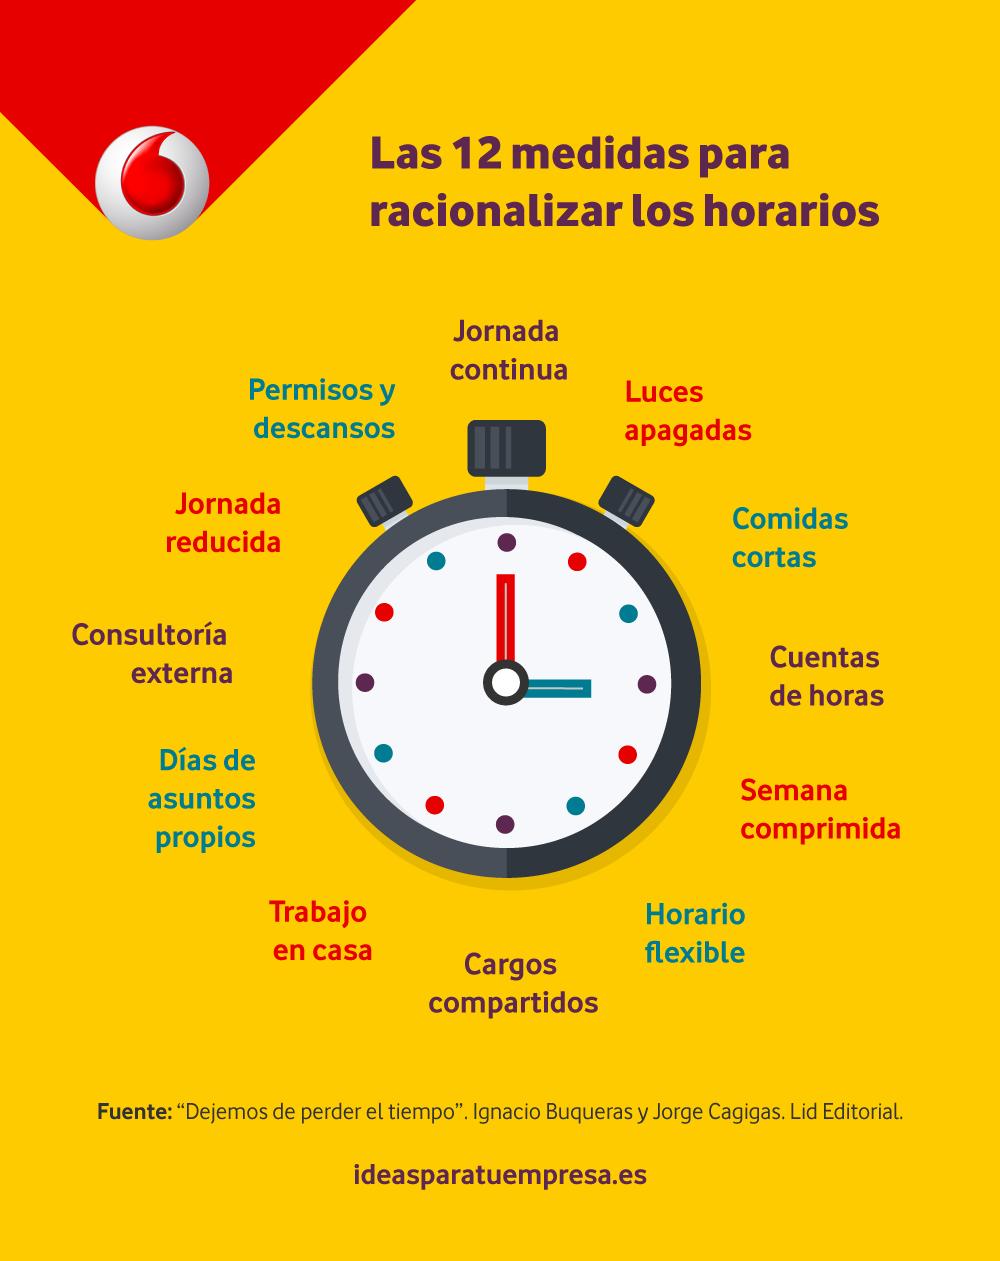 Las 12 medidas para racionalizar los horarios en las empresas